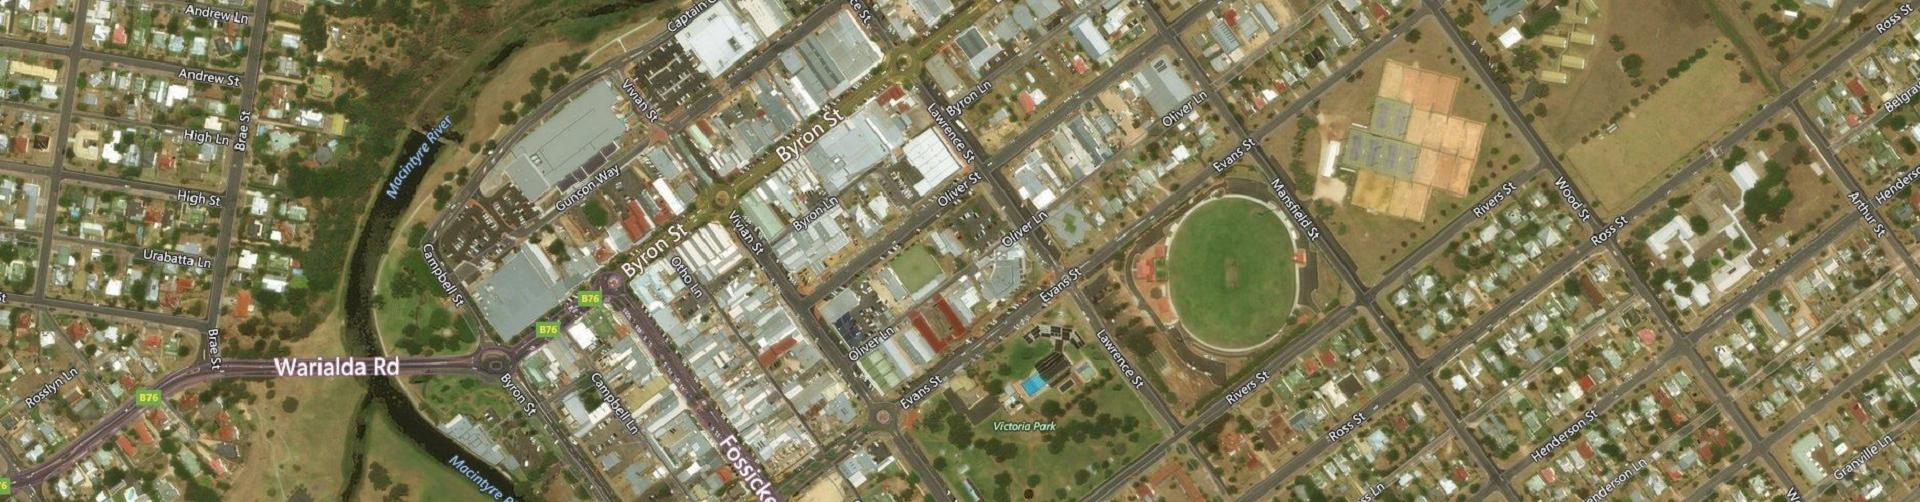 Public Maps